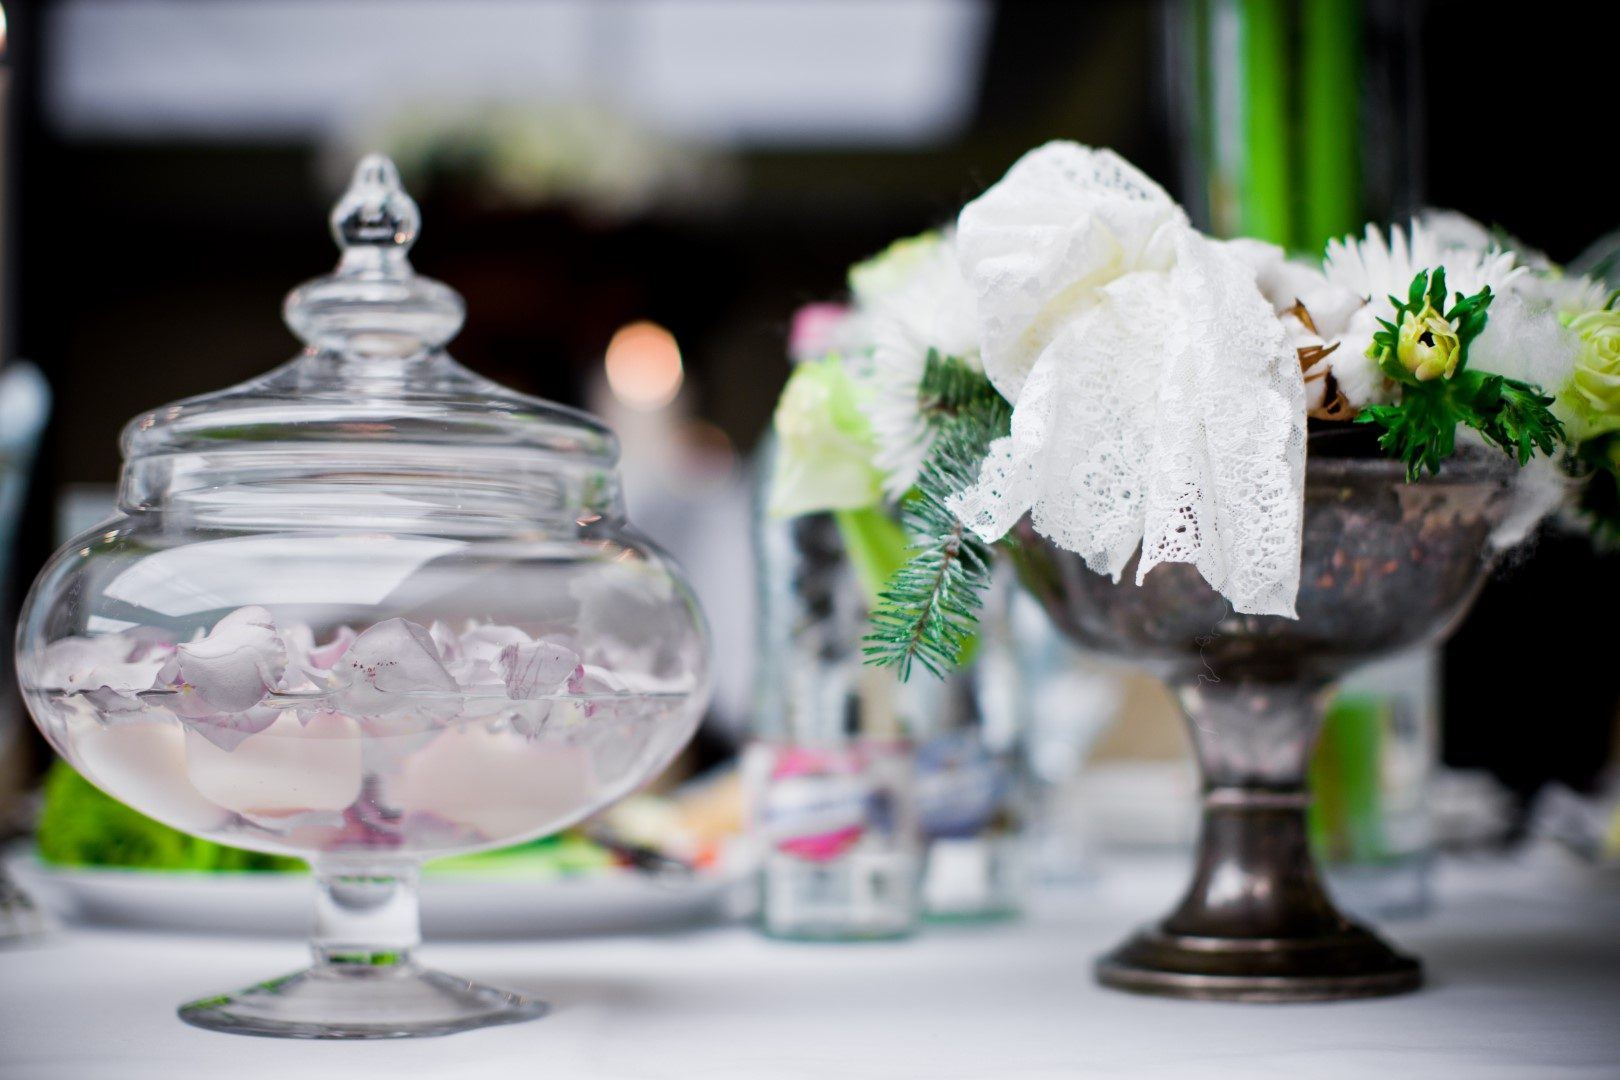 ,hűvös romantika, páratlan ízlésvilág, orosz elegancia,gyenes szilvia,dekoráció,esküvői dekoráció,esküvődekor,